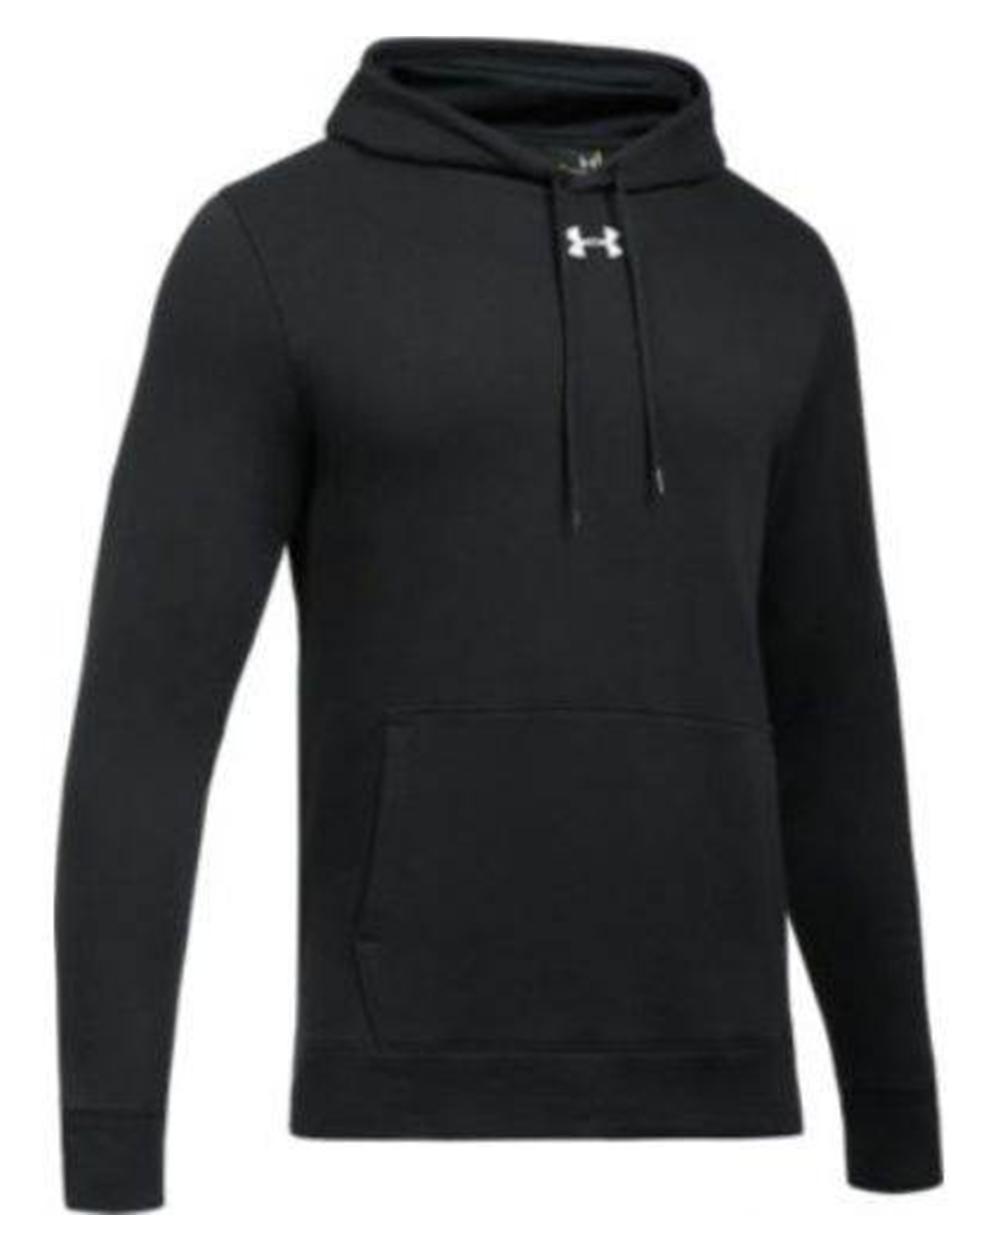 Hustle Fleece Hooded Sweatshirt